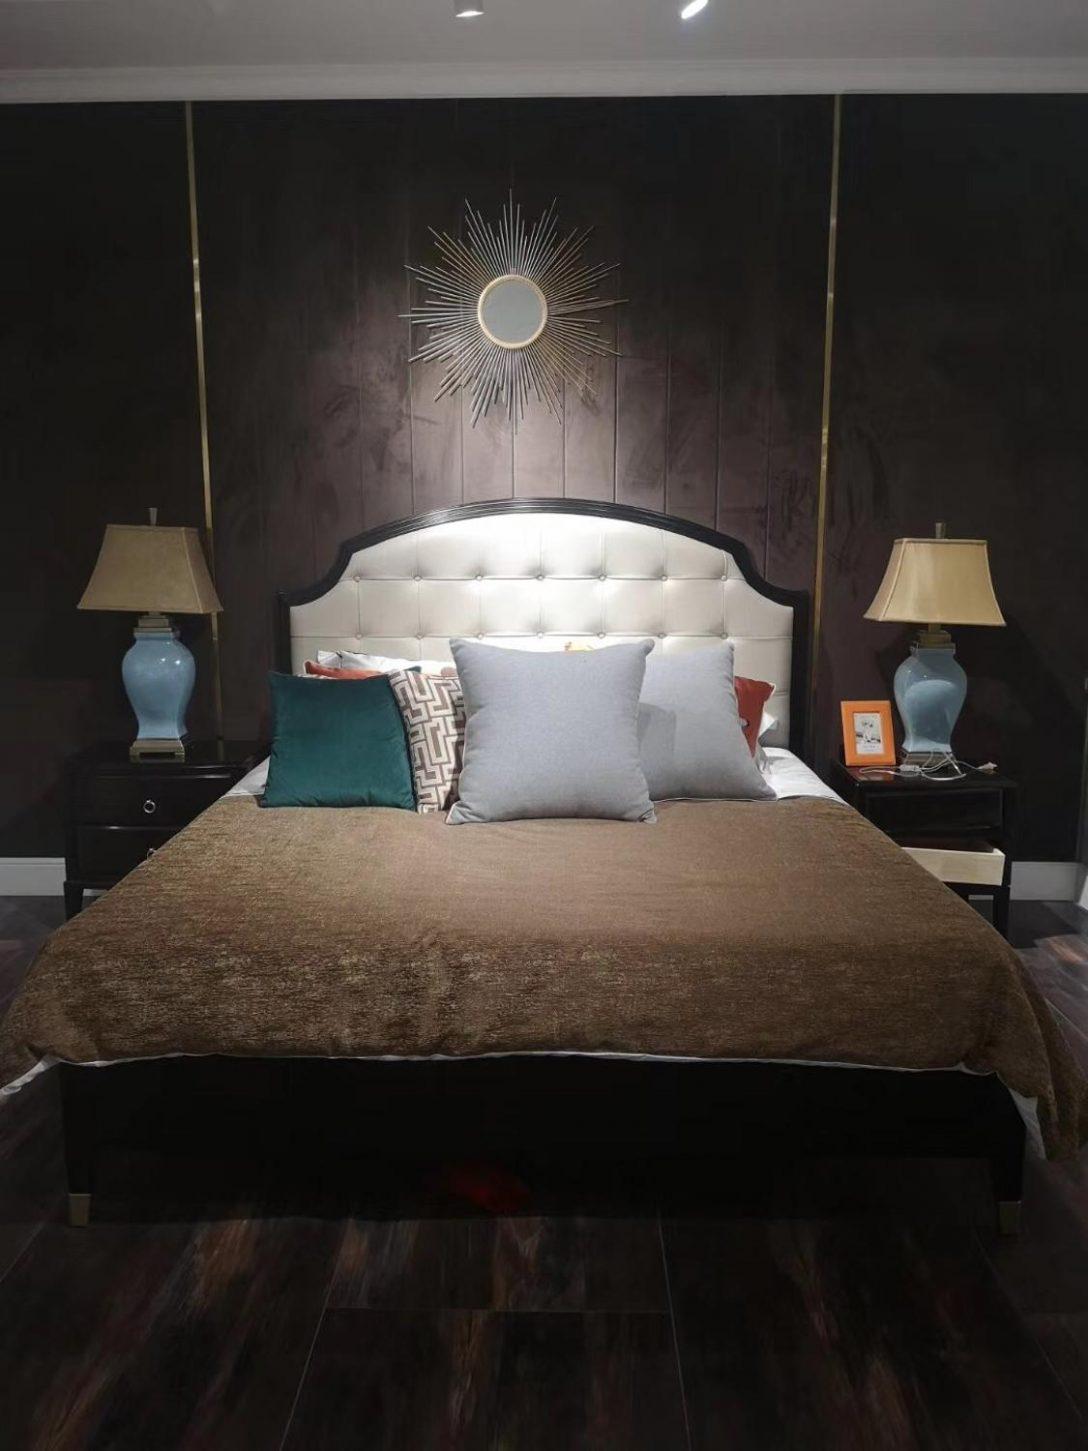 Large Size of 2020 Schlafzimmer Anpassen Hotel Bett Fabrik Knig Knigin Dänisches Bettenlager 180x200 Ruf Betten Fabrikverkauf Mit Matratze Und Lattenrost Skandinavisch Bett Luxus Bett